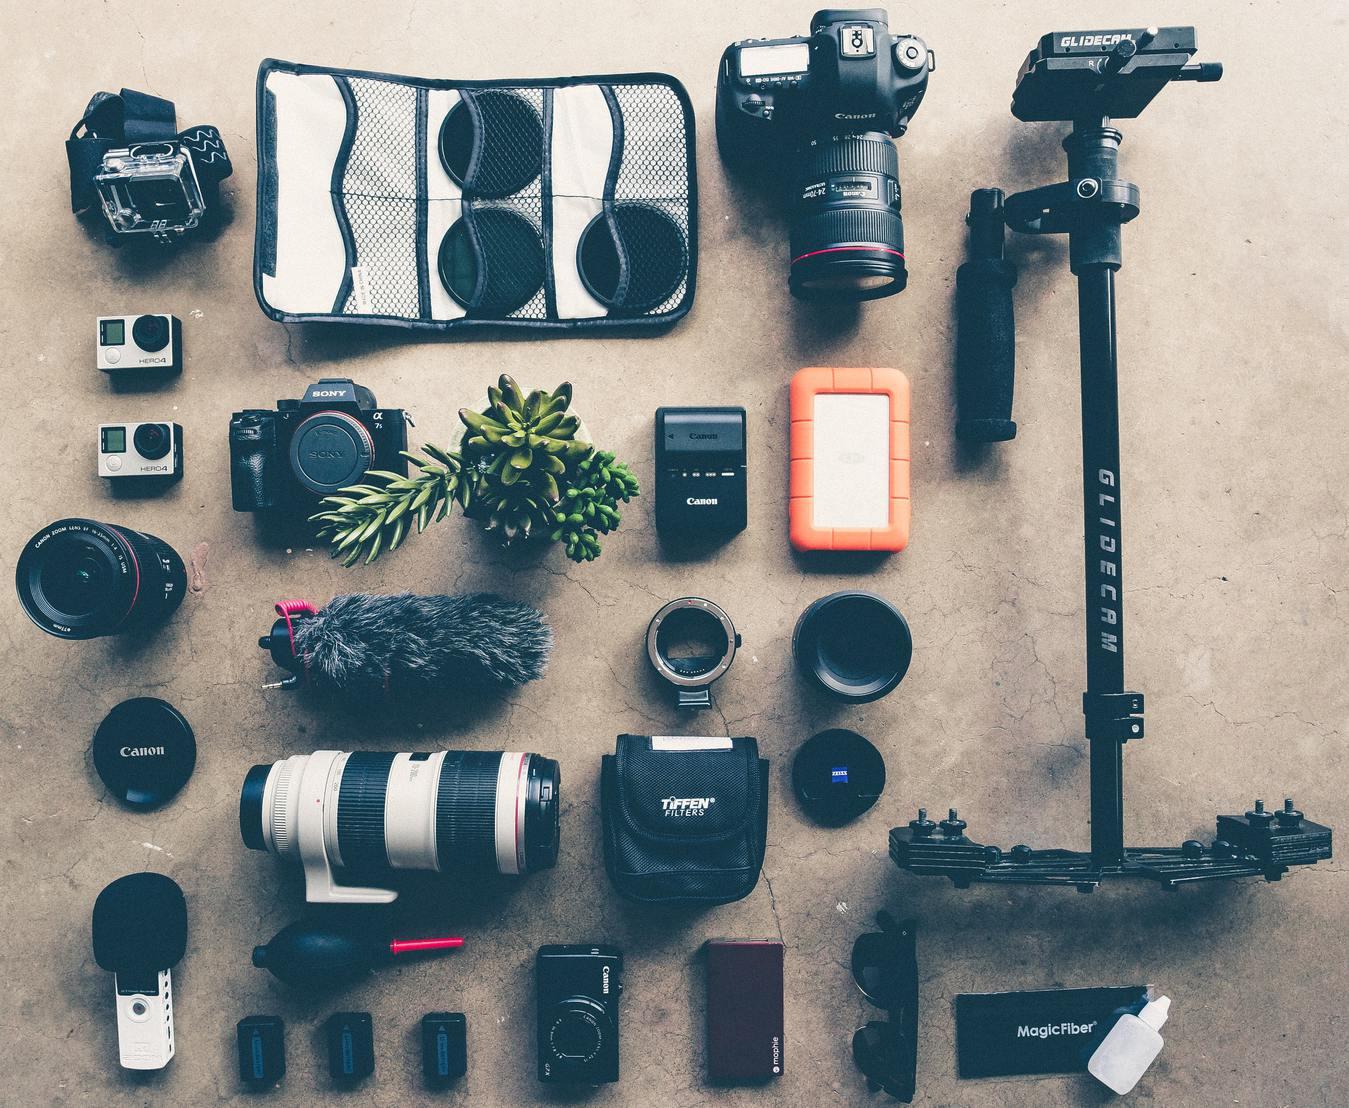 Equipamento de fotografia exposto no chão